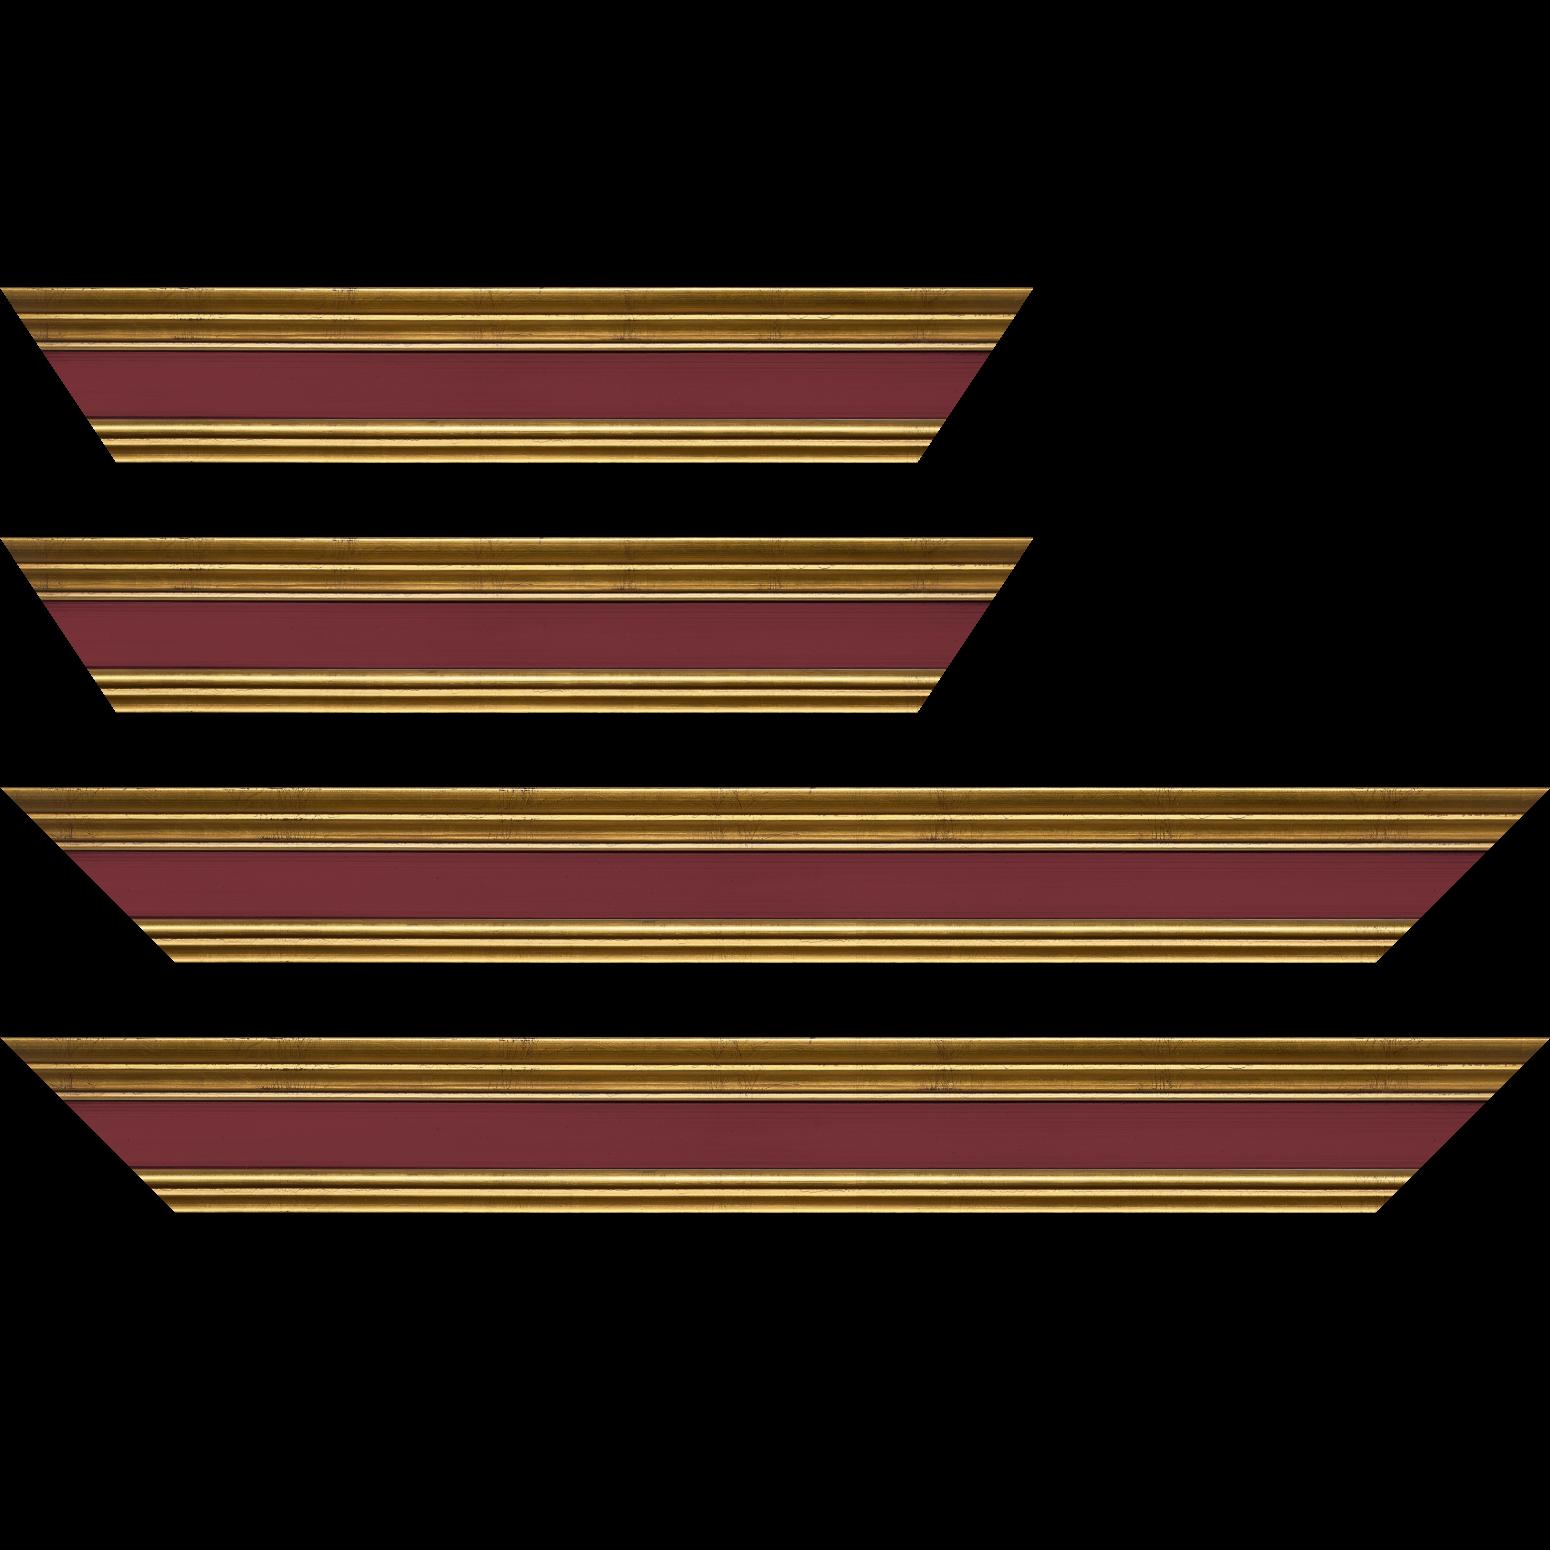 Baguette service précoupé Bois profil braque largeur 5.2cm or patiné gorge bordeaux antique